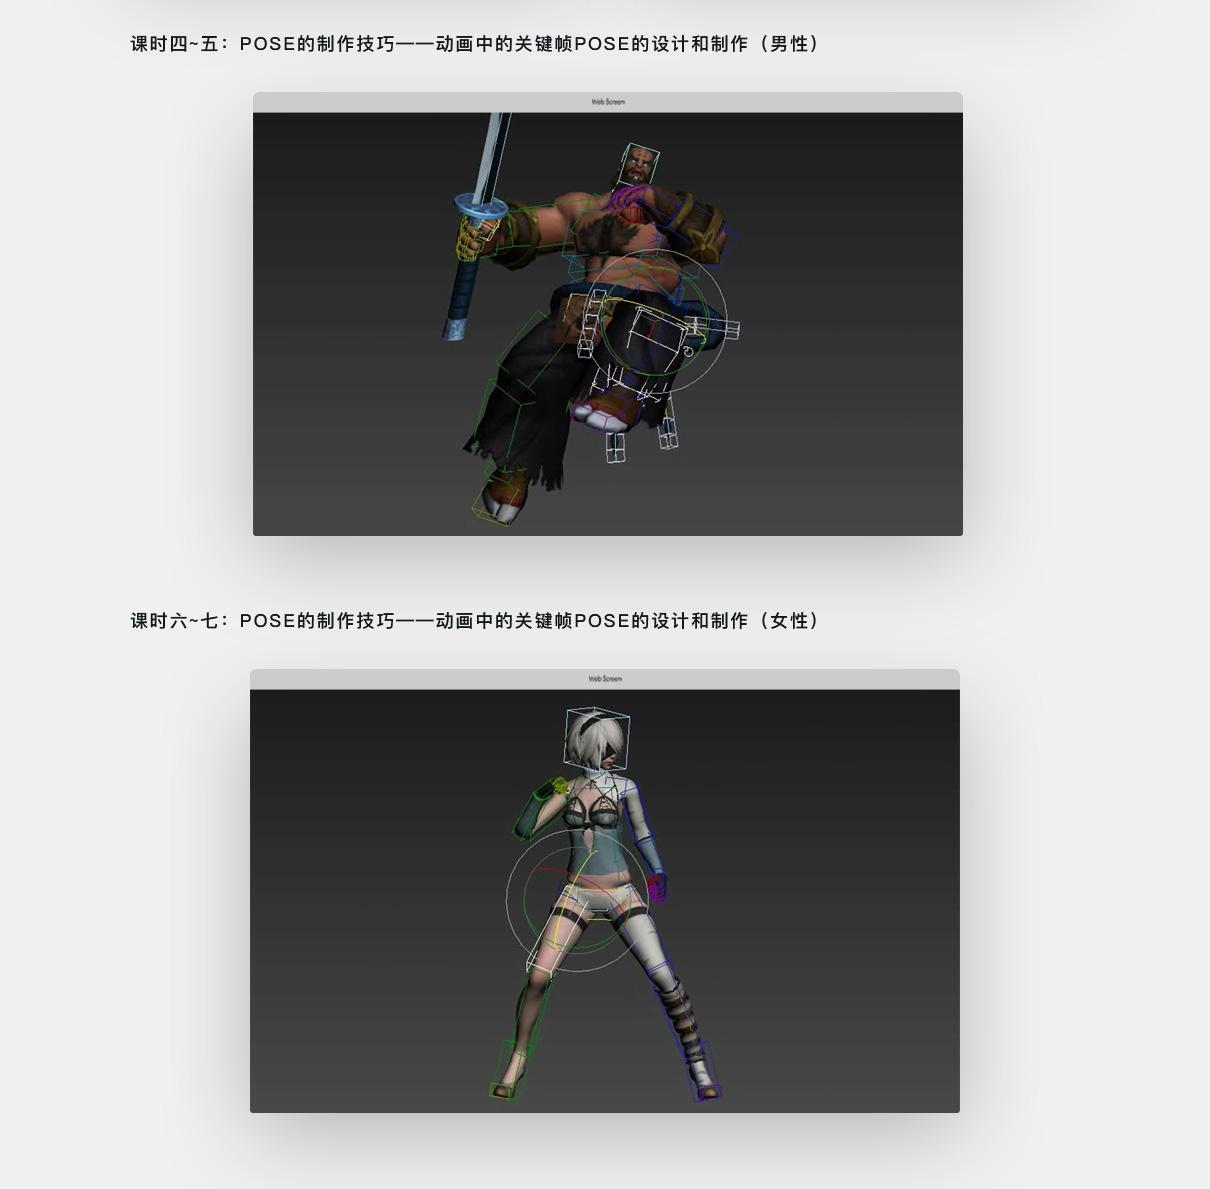 3dsMax游戏动画角色pose设定实战教程